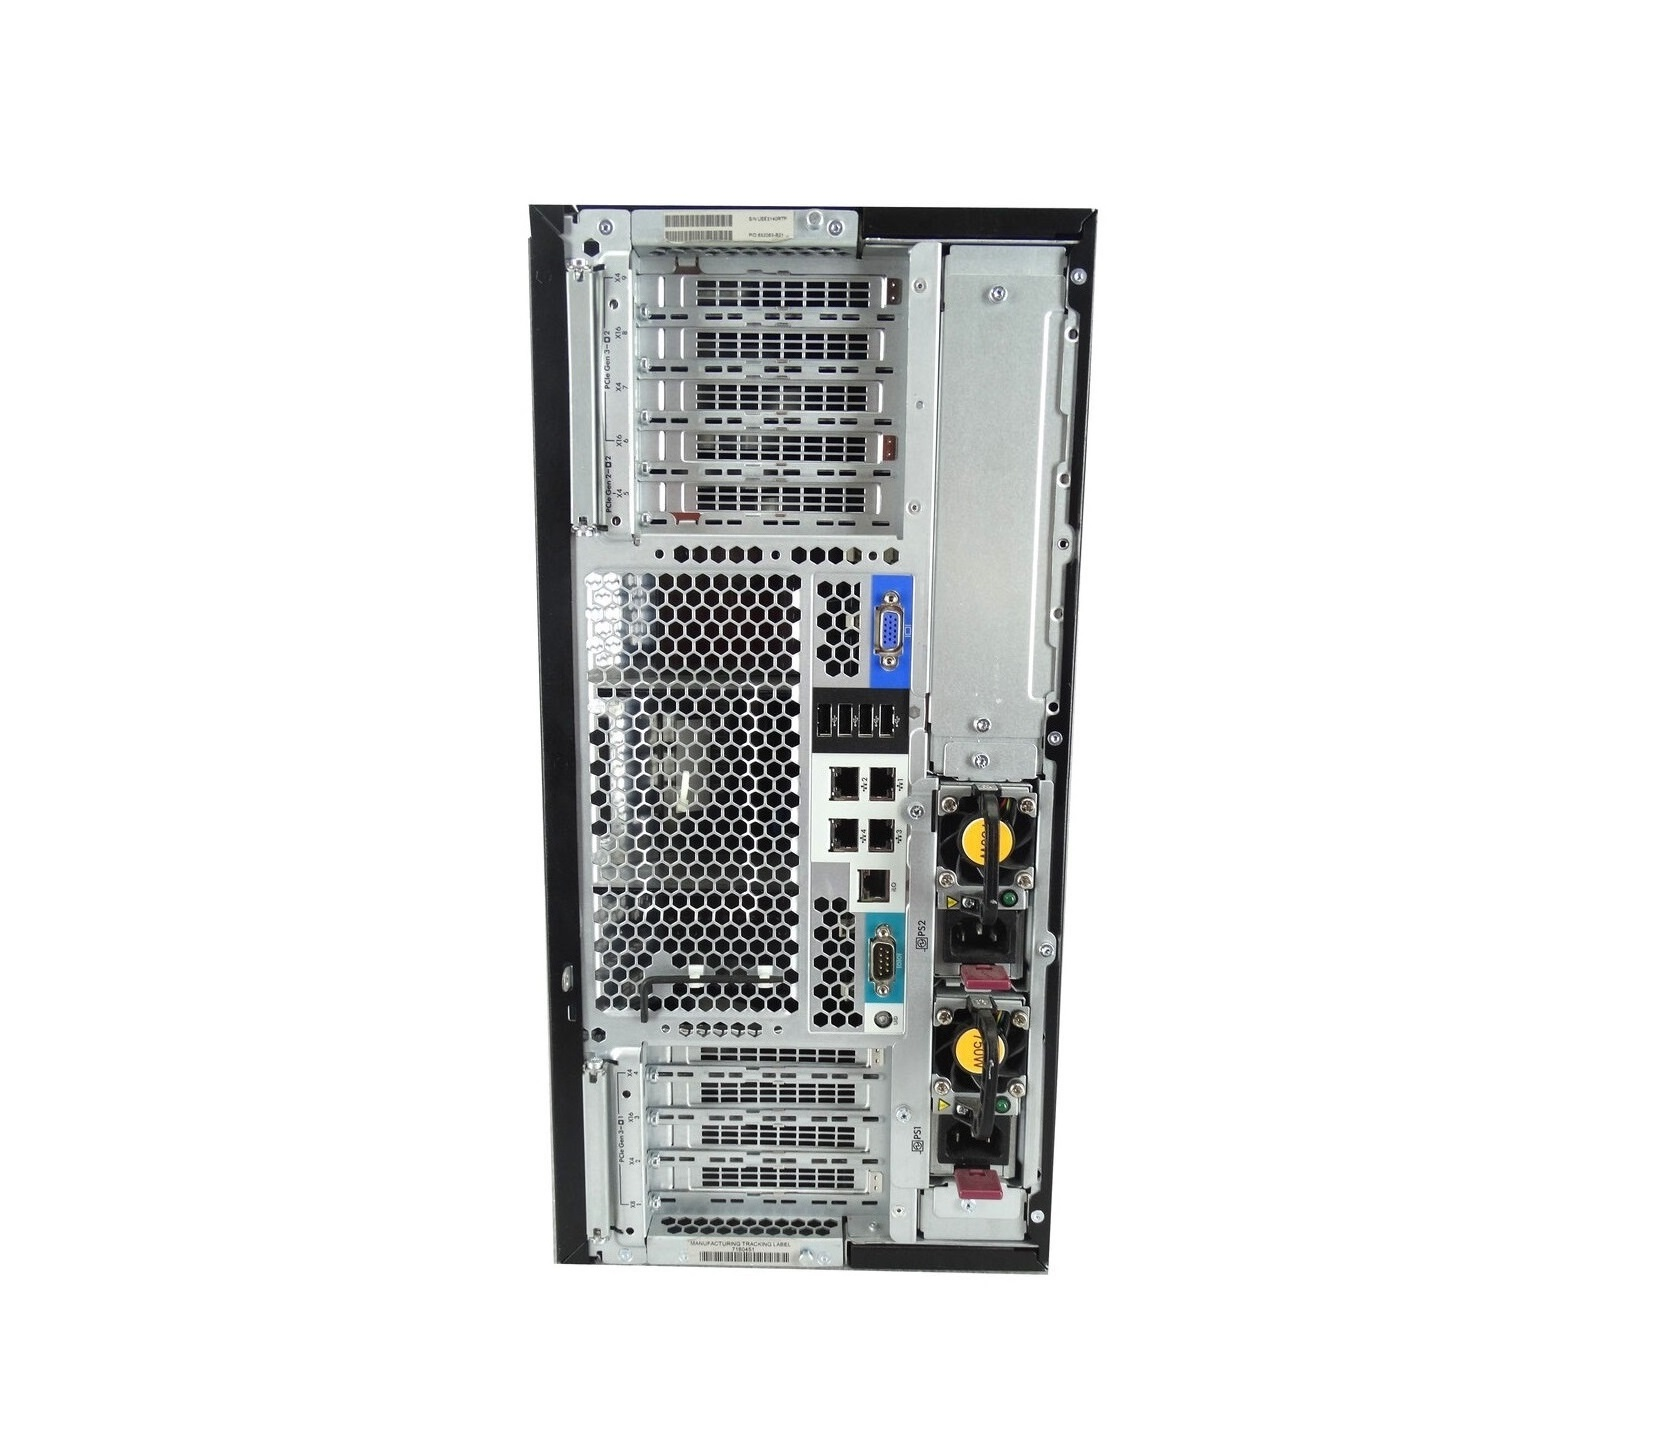 HP ProLiant ML350p Gen 8 6 Bay LFF Tower Server